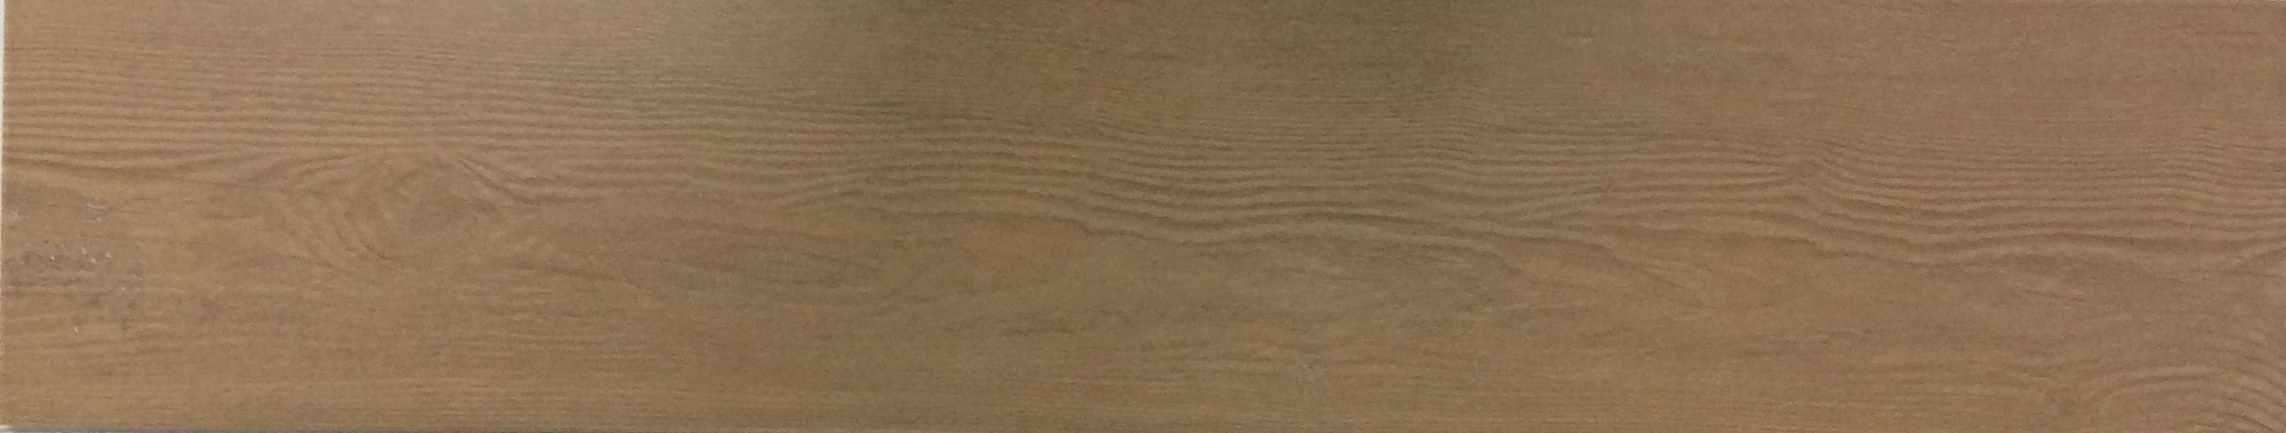 กระเบื้องลายไม้ 20x100 cm รุ่น VHH-08006